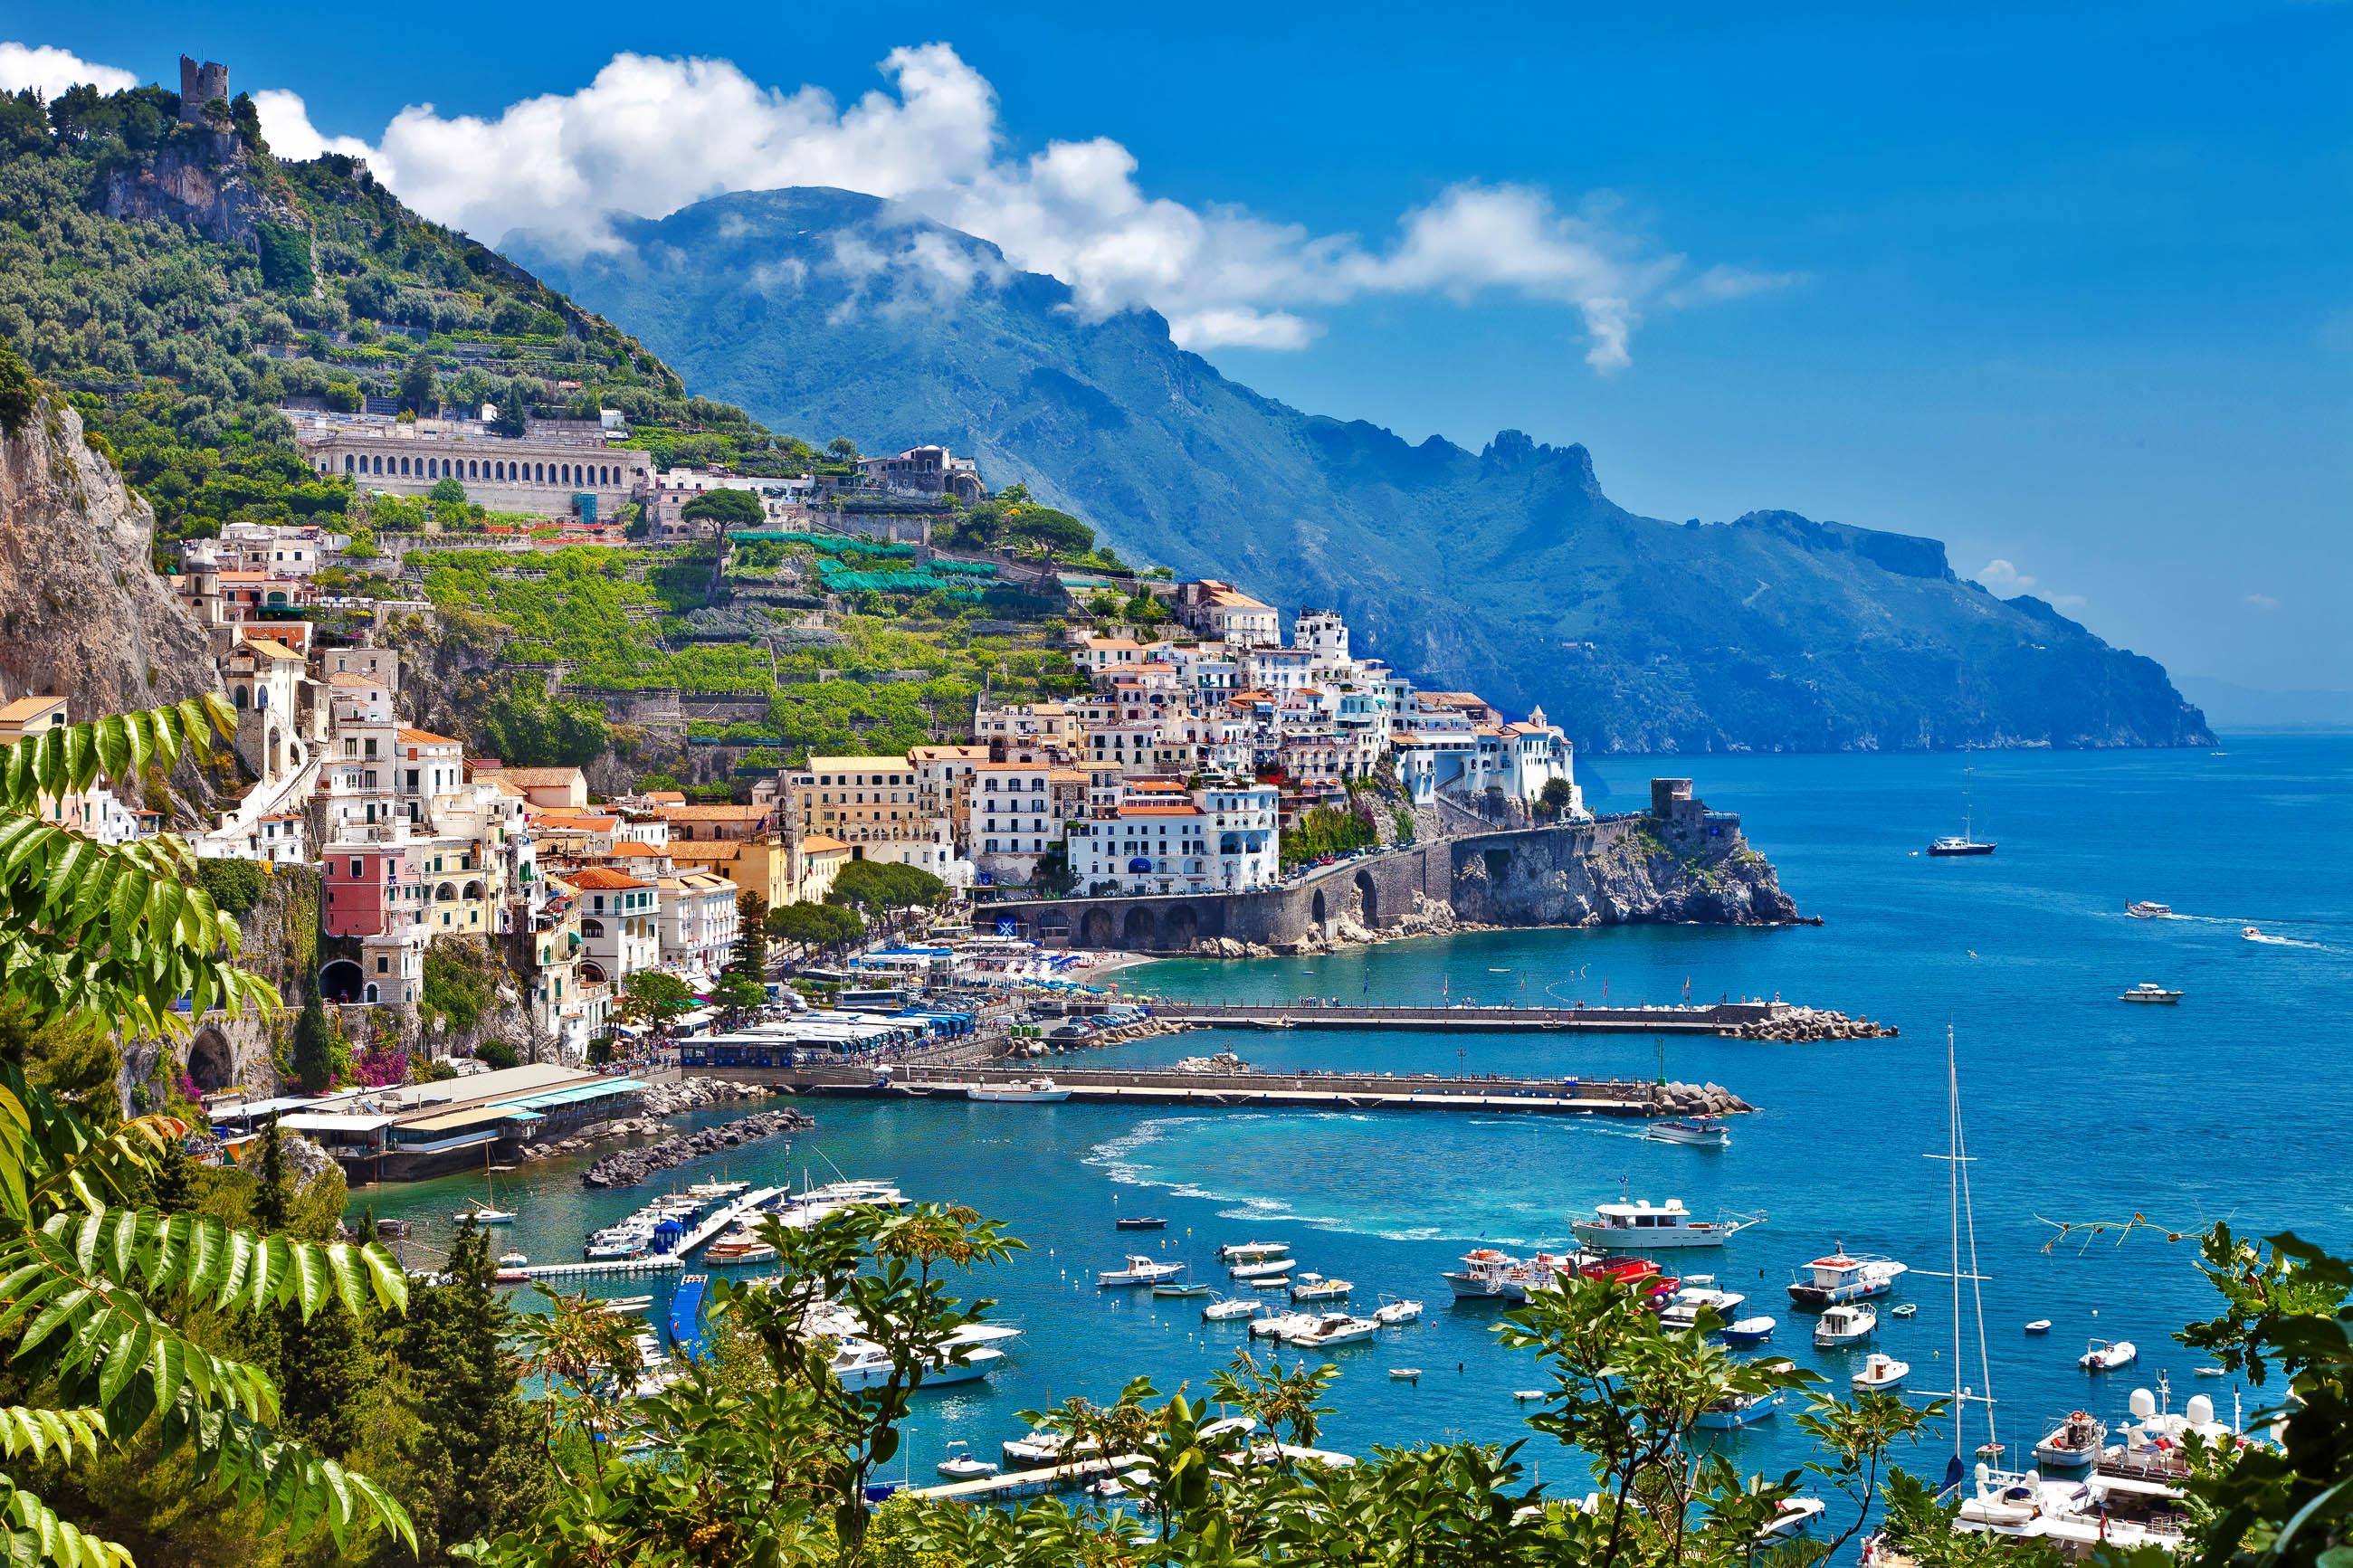 amalfiküste italien landkarte BILDER: Amalfiküste, Italien | Franks Travelbox